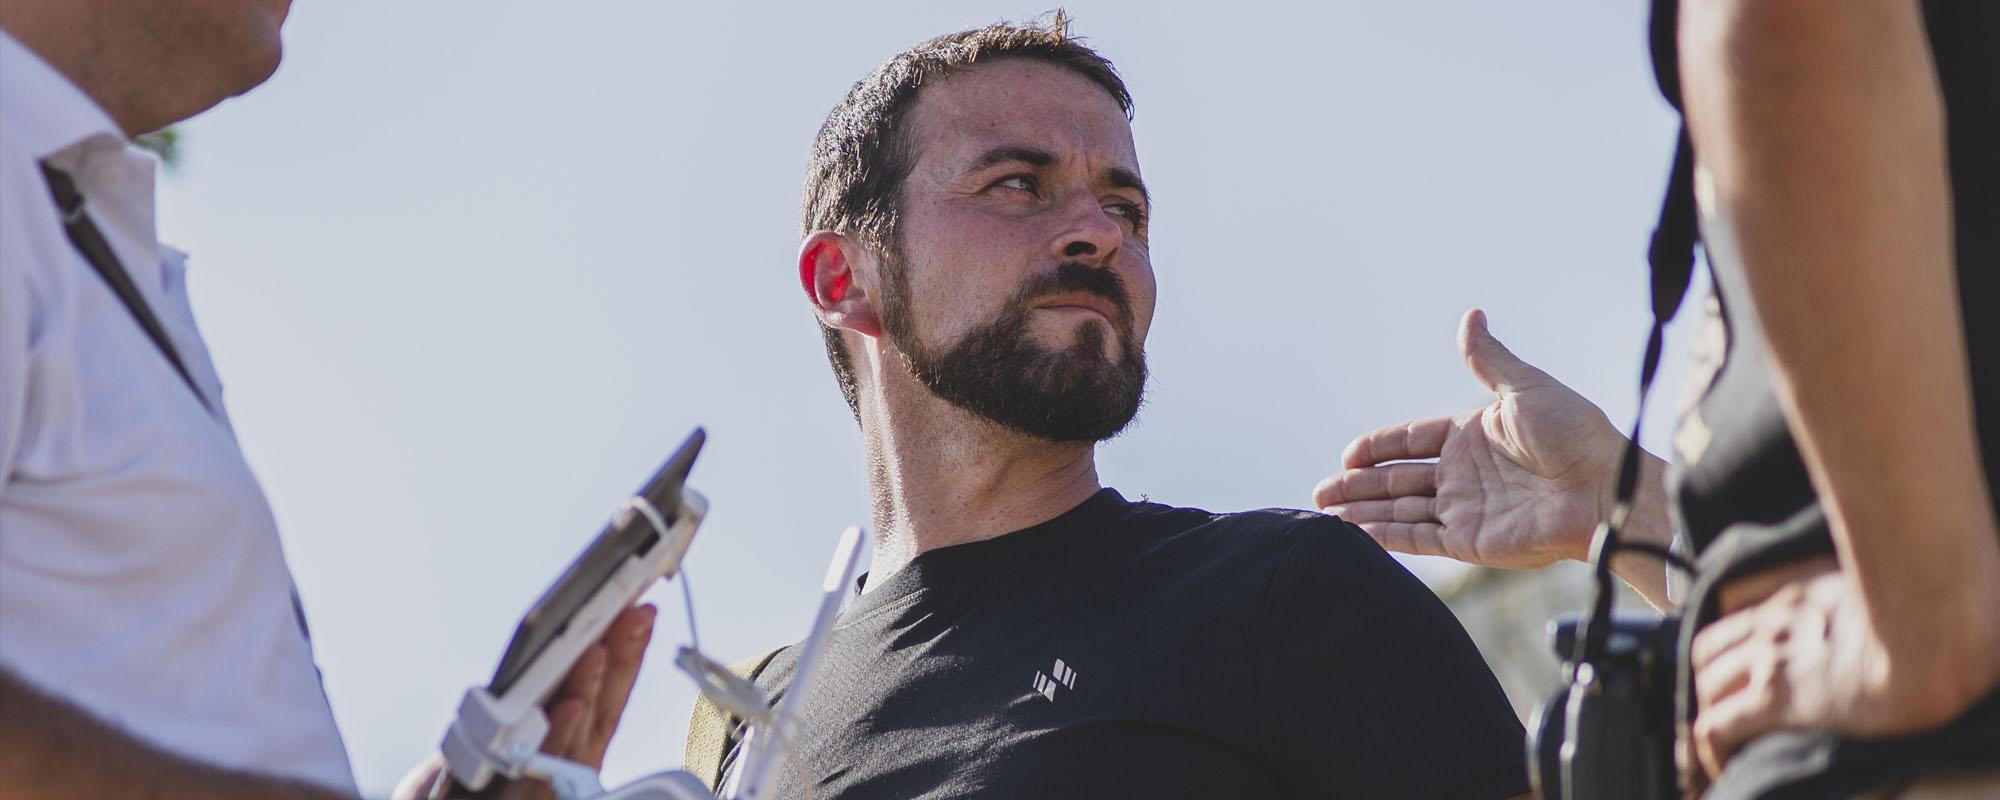 Alberto Enrique Pons. Director de cine español nacido en Málaga